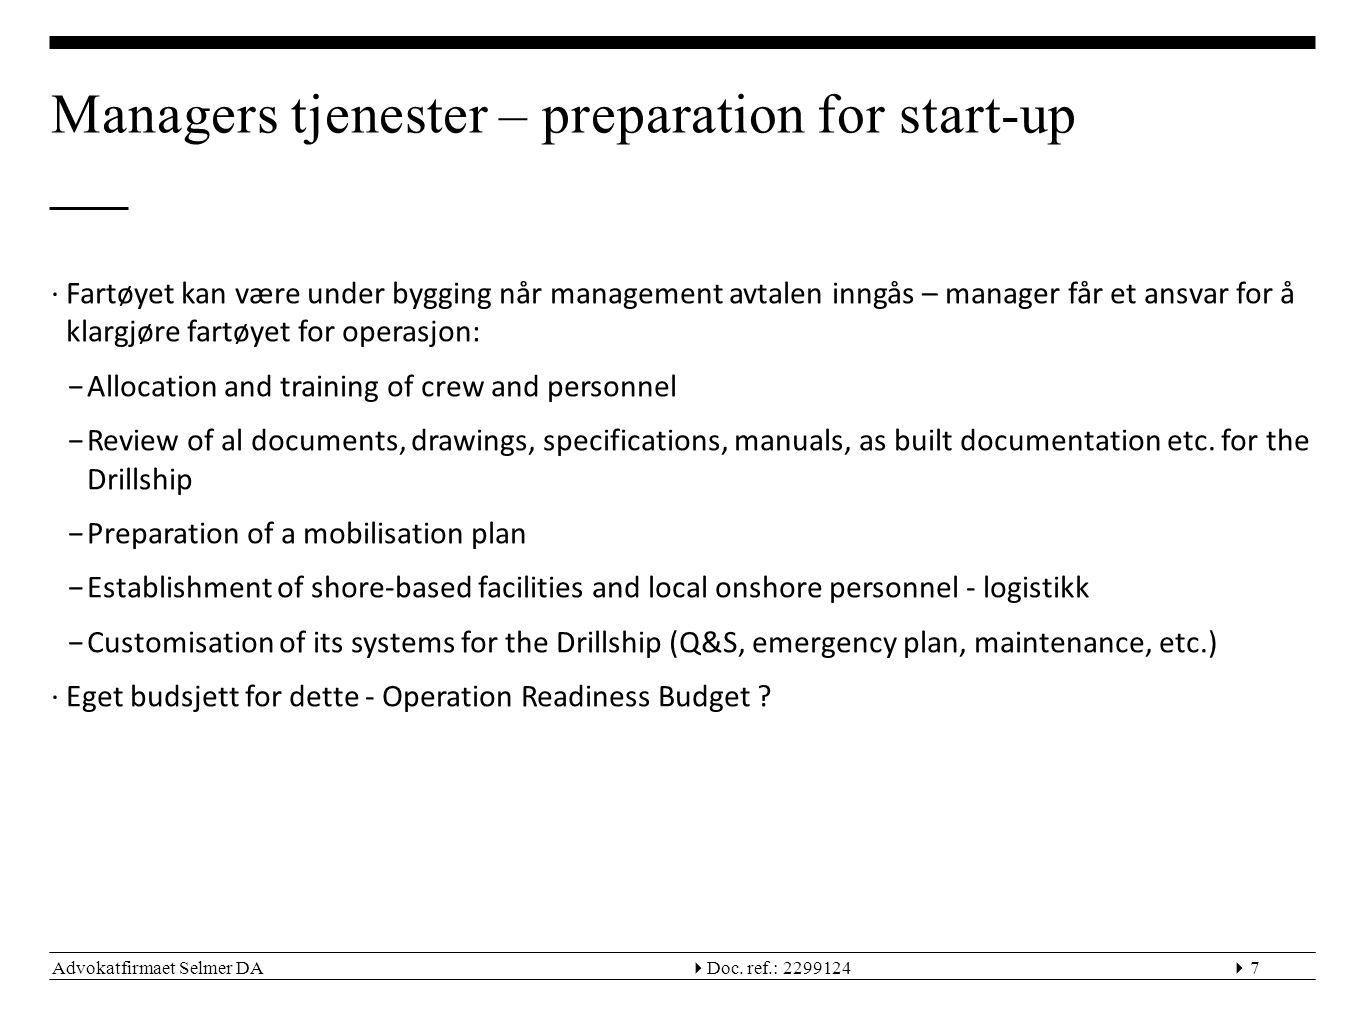 Advokatfirmaet Selmer DA  Doc. ref.: 22991247 Managers tjenester – preparation for start-up ∙Fartøyet kan være under bygging når management avtalen